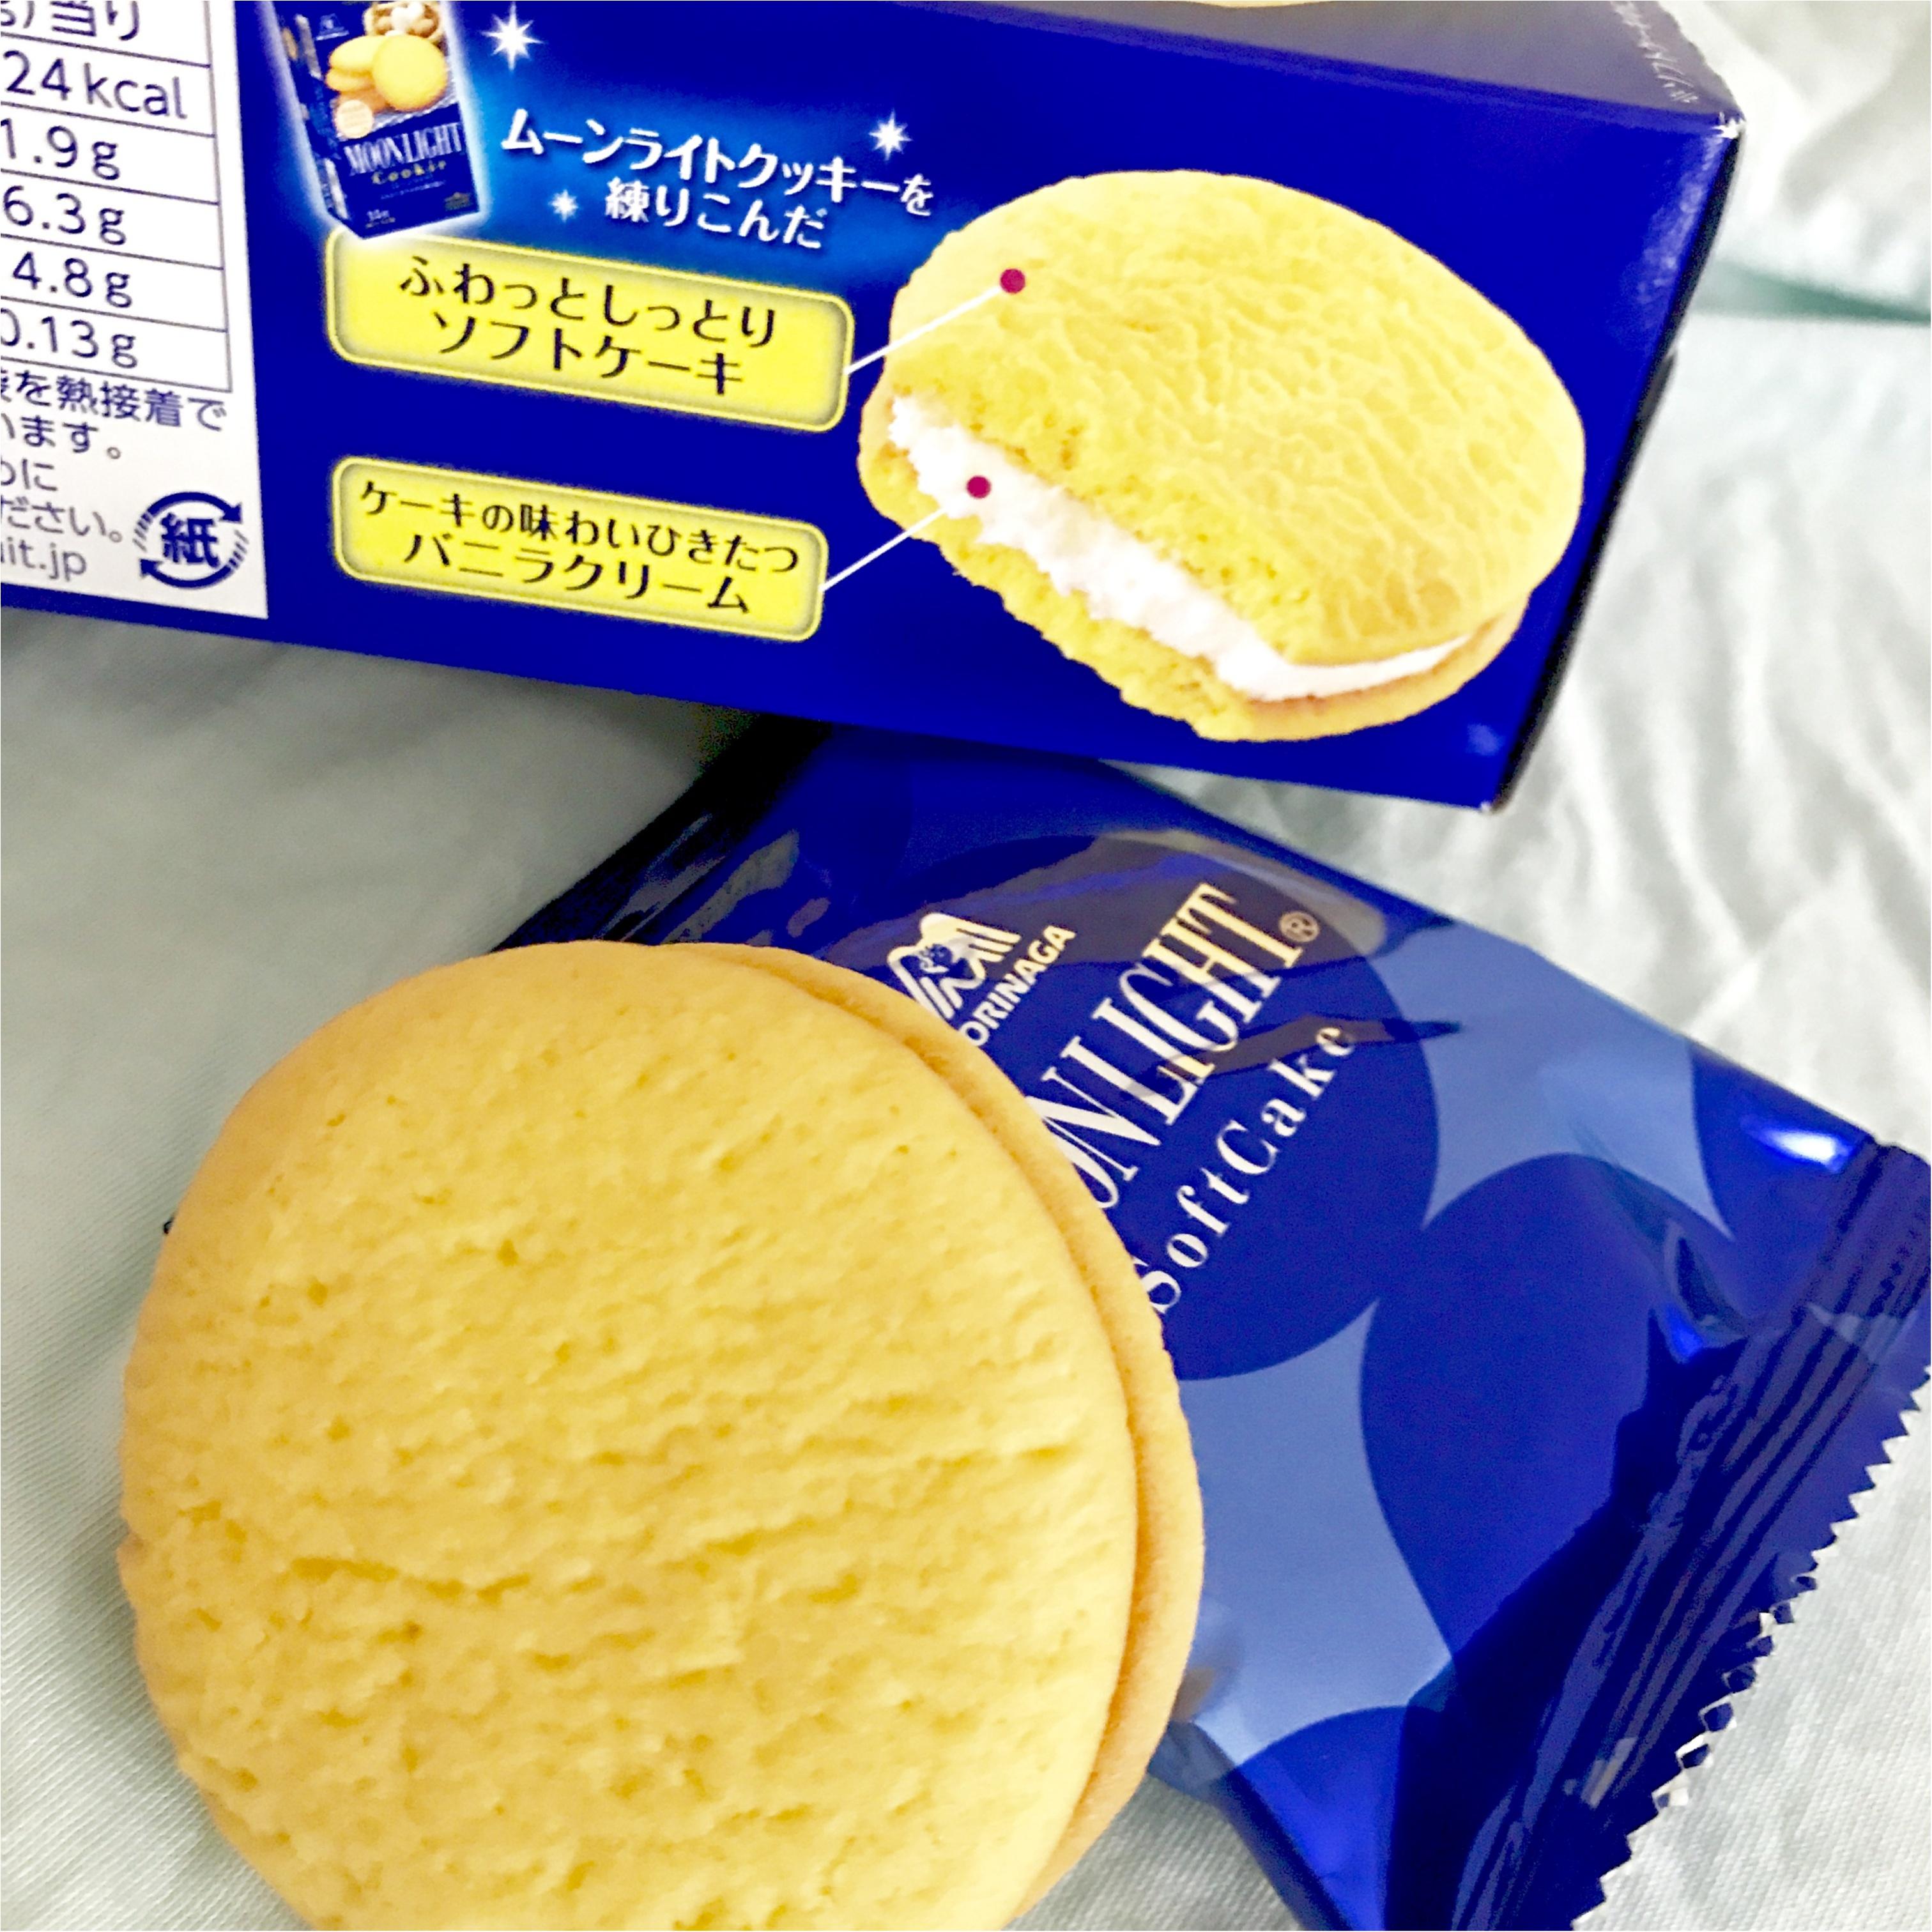 【FOOD】森永の人気クッキー「ブルームーン」がケーキになった♡_2